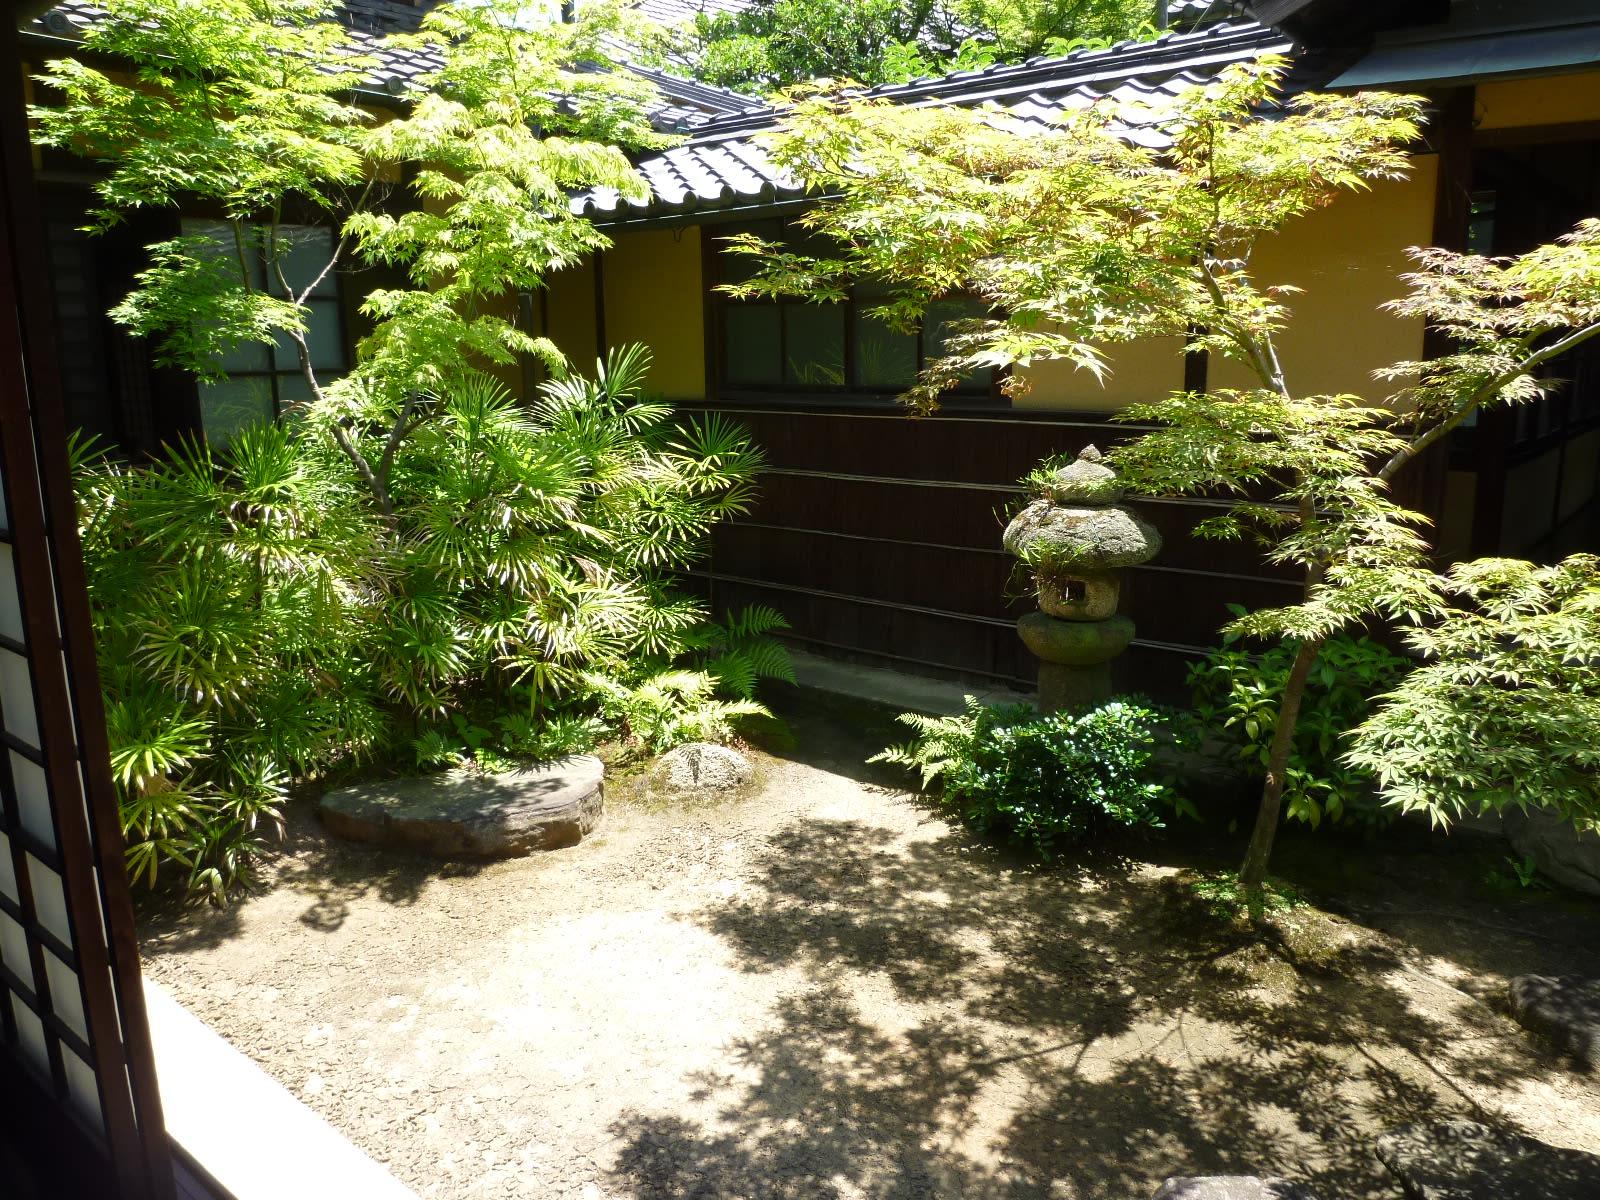 貞照院の庭の画像